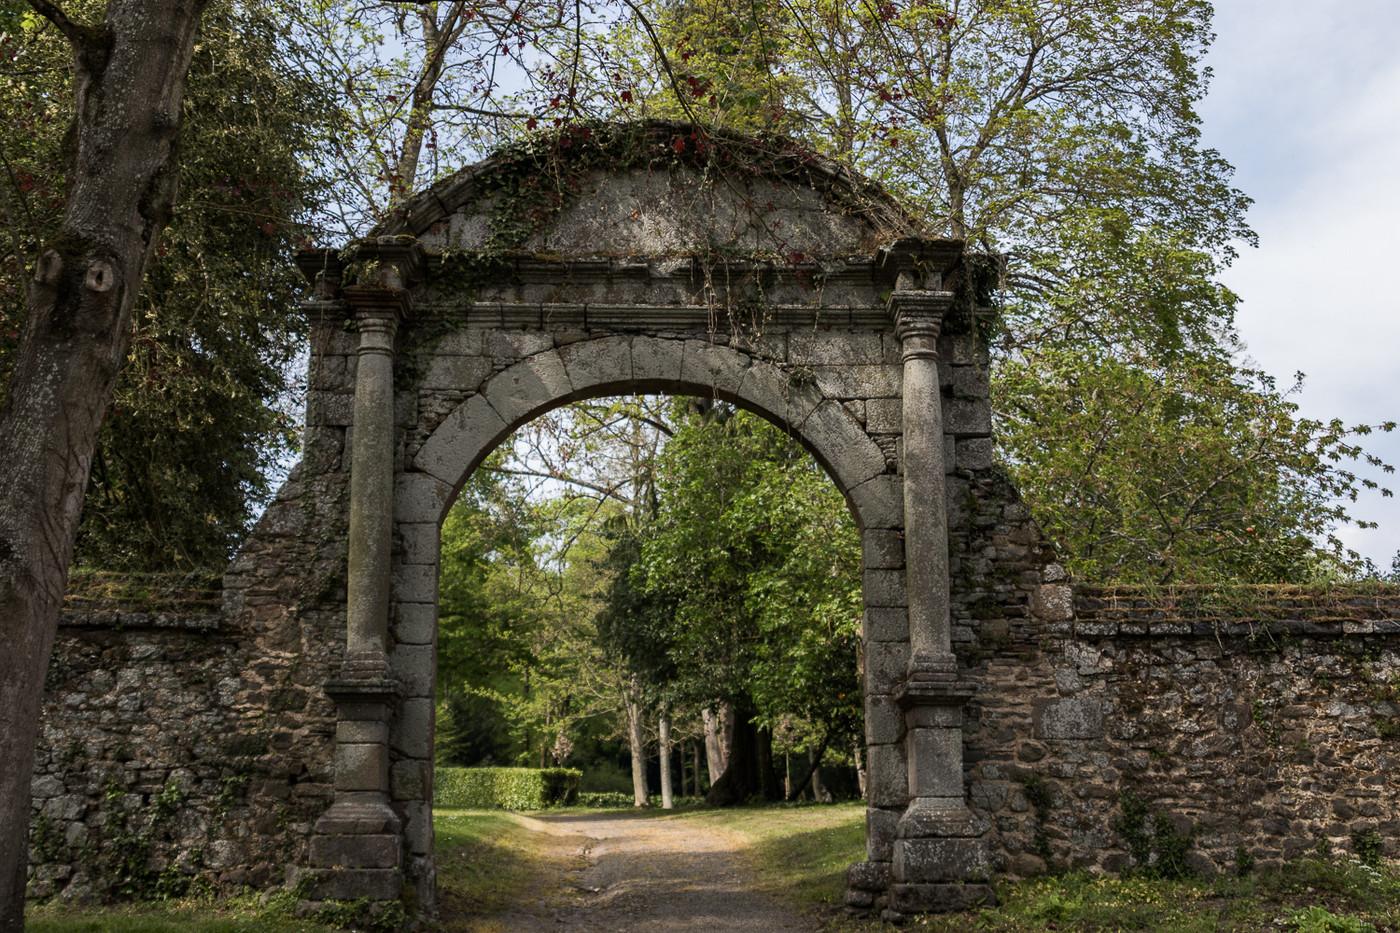 Chateau ayant inspiré mémoires d'outre tombes à Chateaubriand.